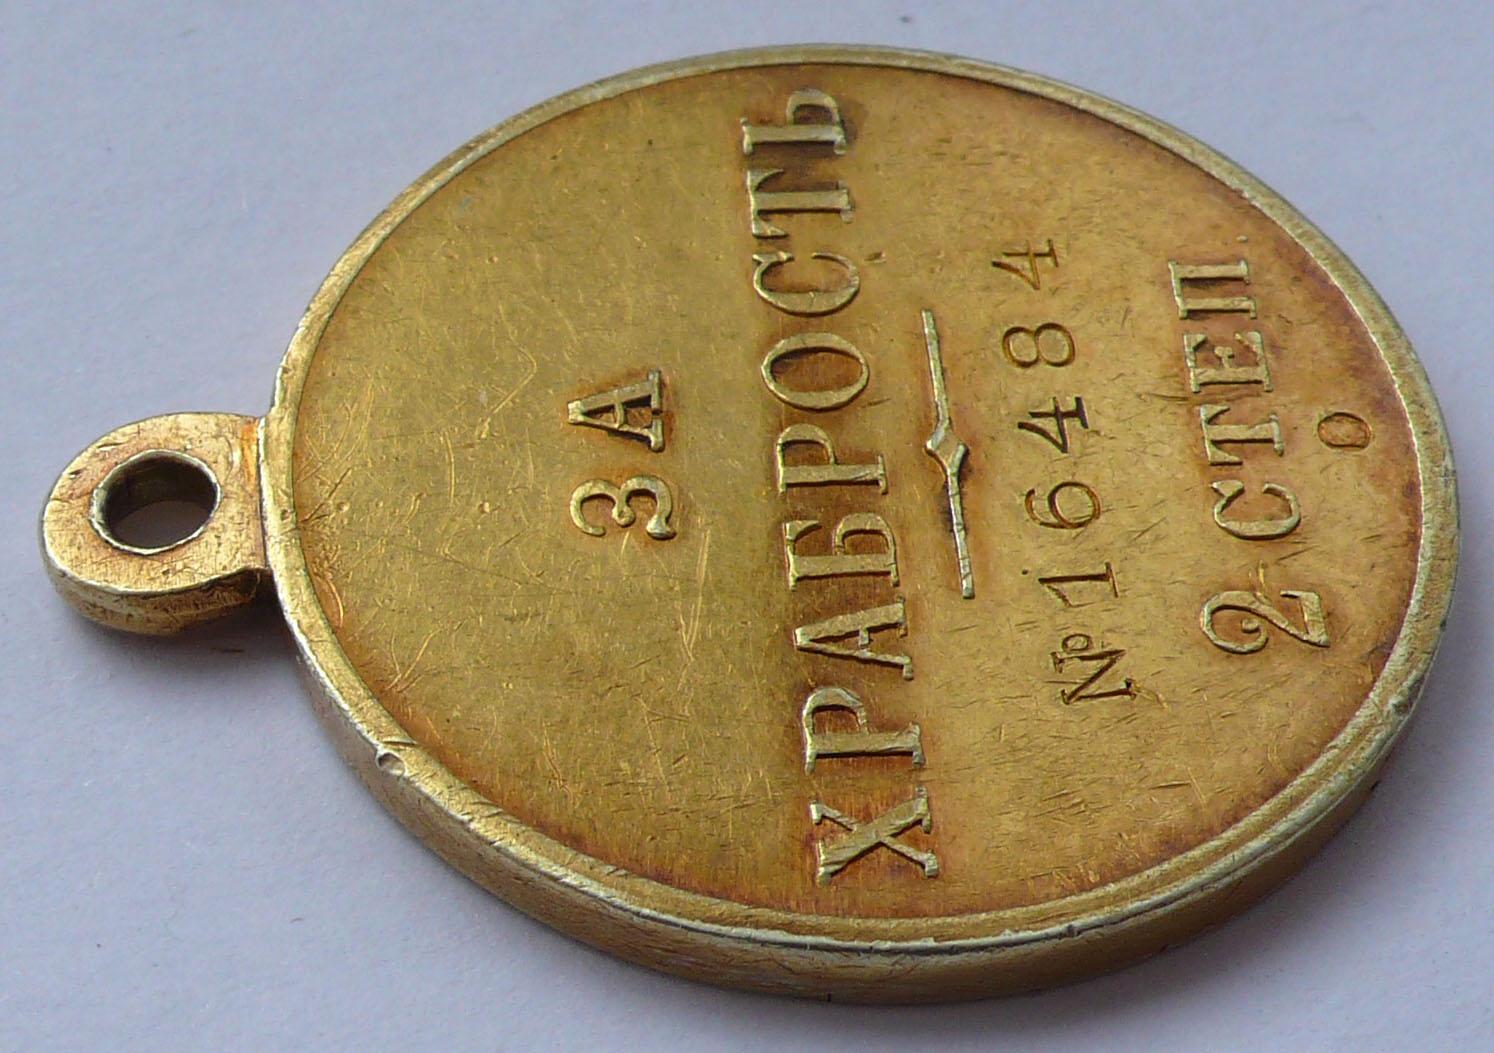 запросу фото кавалеров медали за храбрость весенняя ярмарка